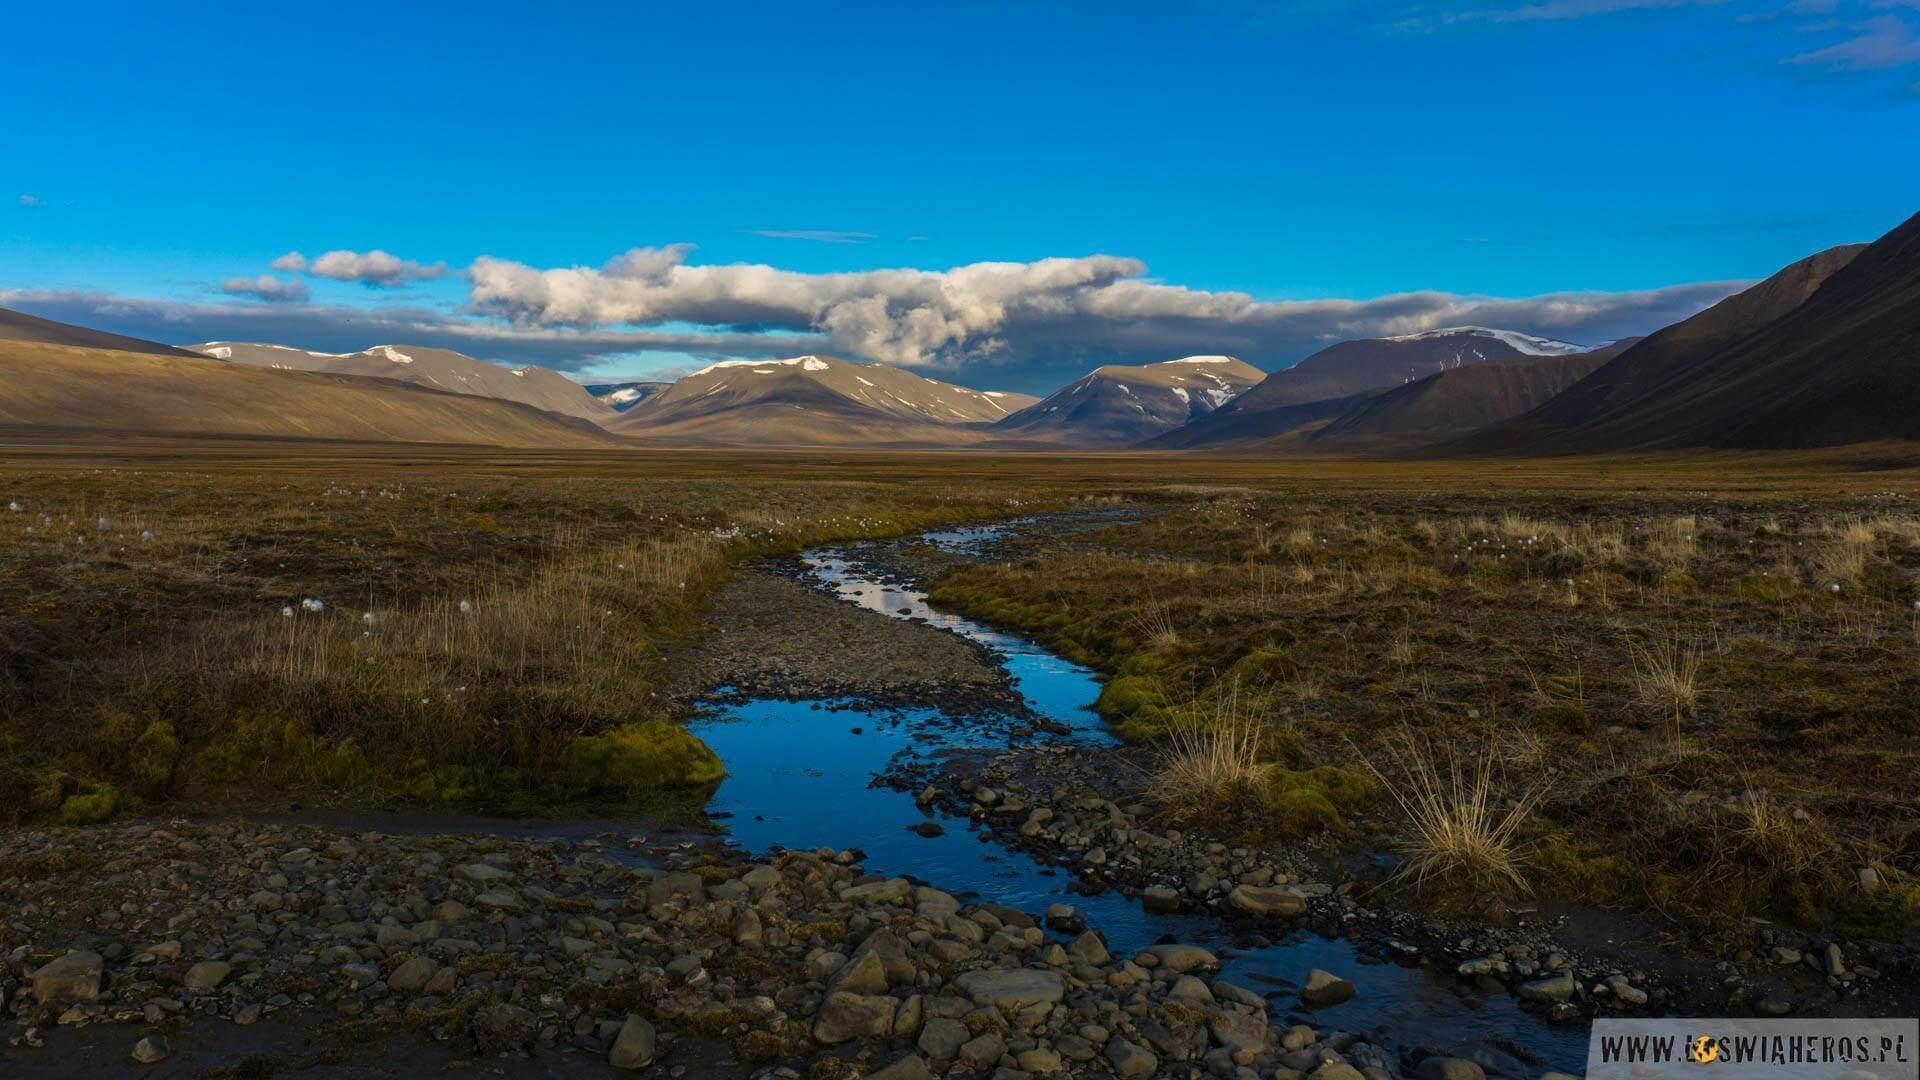 arktyka_spitsbergen_tundra-03495